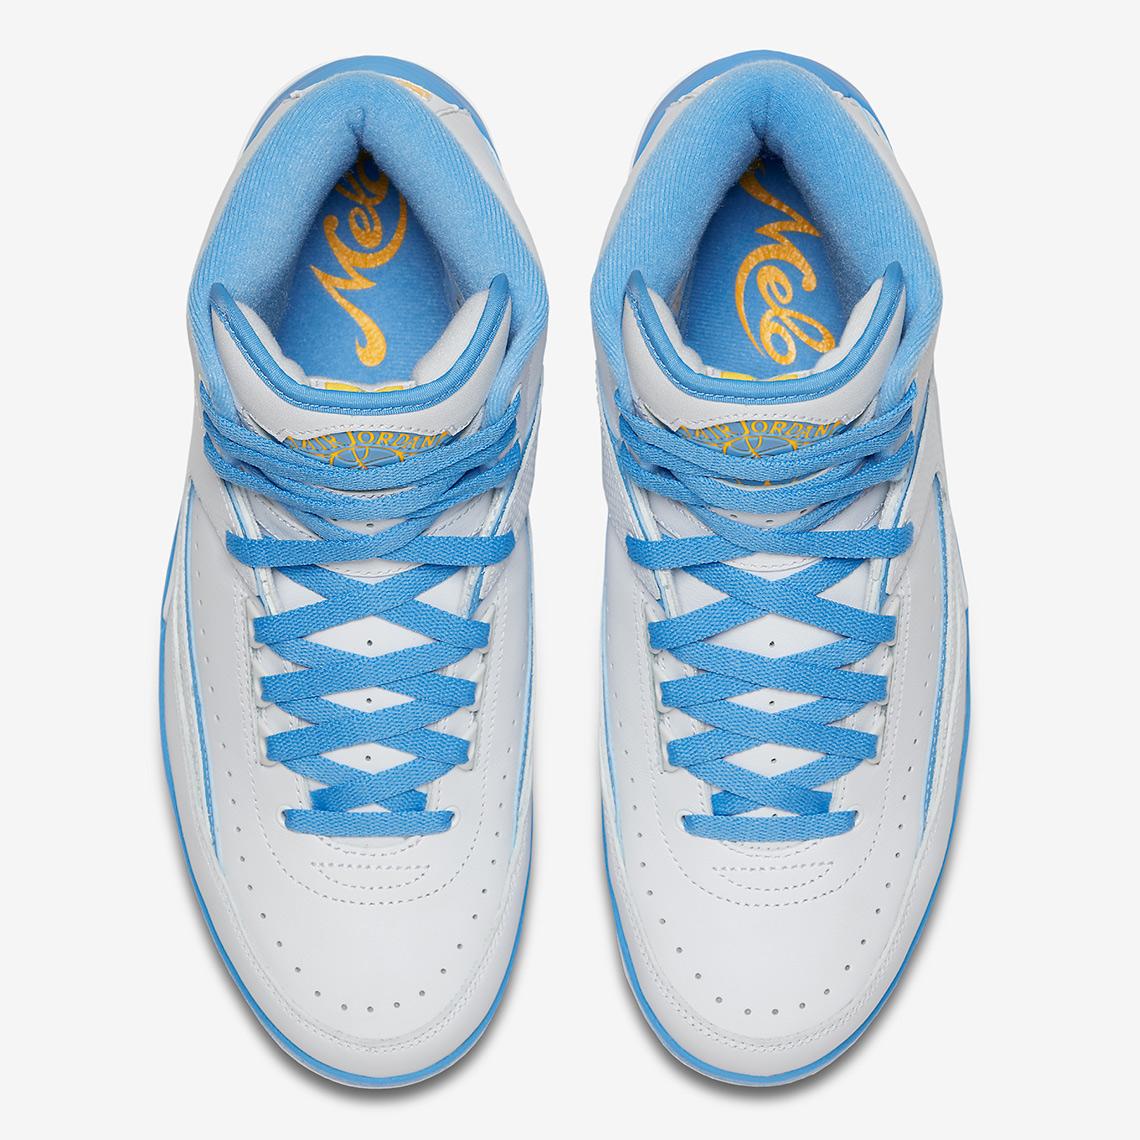 Air Jordan 2 Melo Release Date  June 9th 16f714886